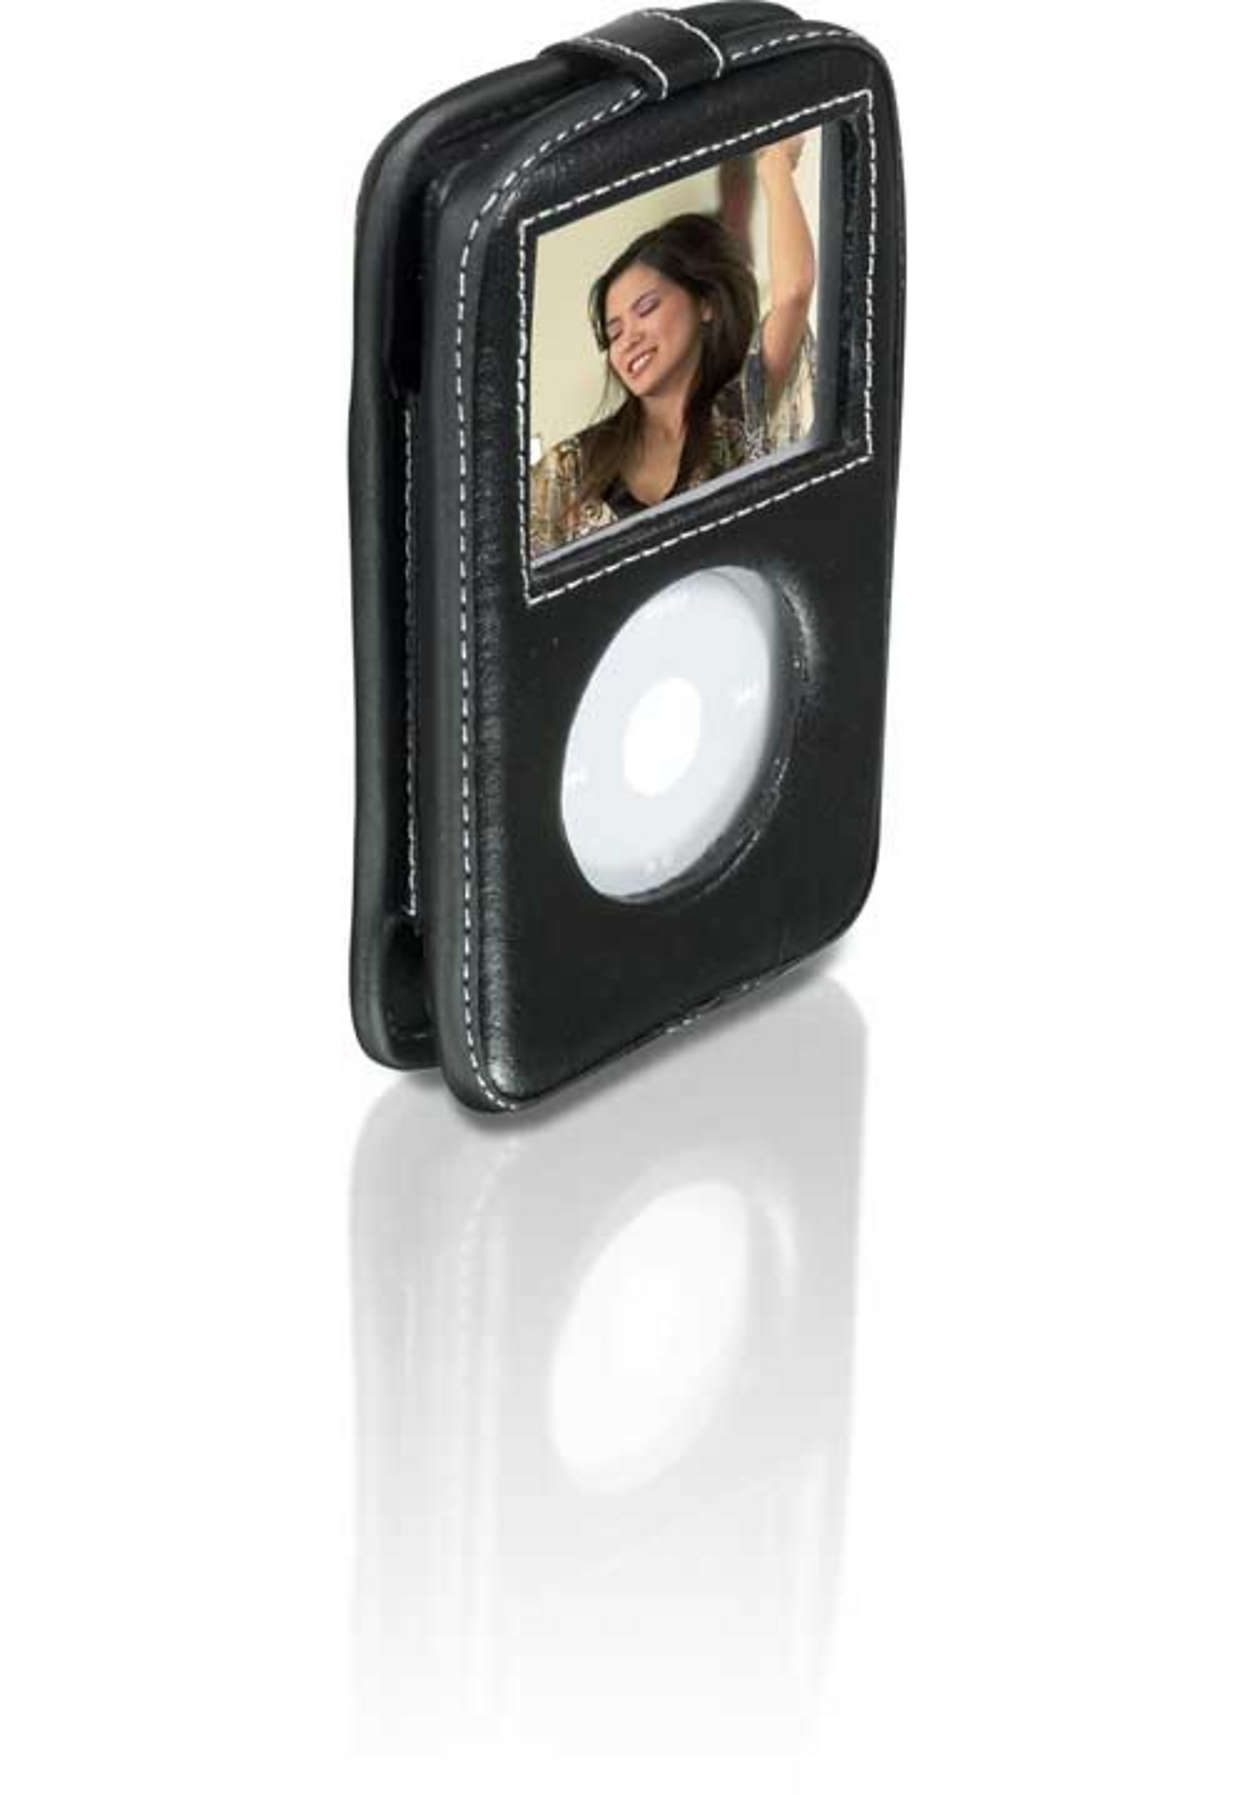 Beskyt din iPod med stil